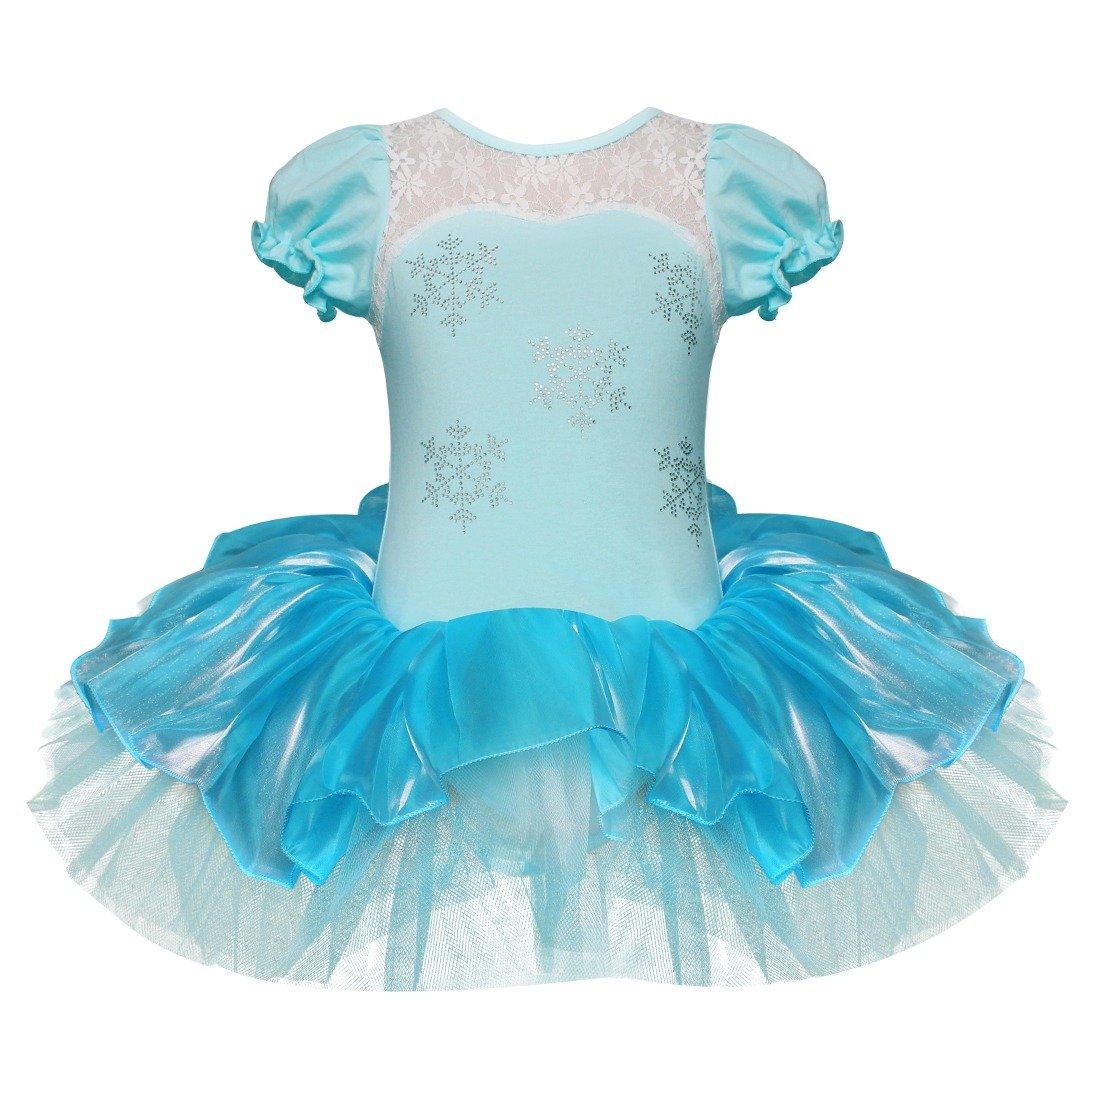 Tiaobug Mädchen Kleid Ballettkleid Prinzessin Kostüm Tanzkleid Ballettanzug Party Festzug Cosplay